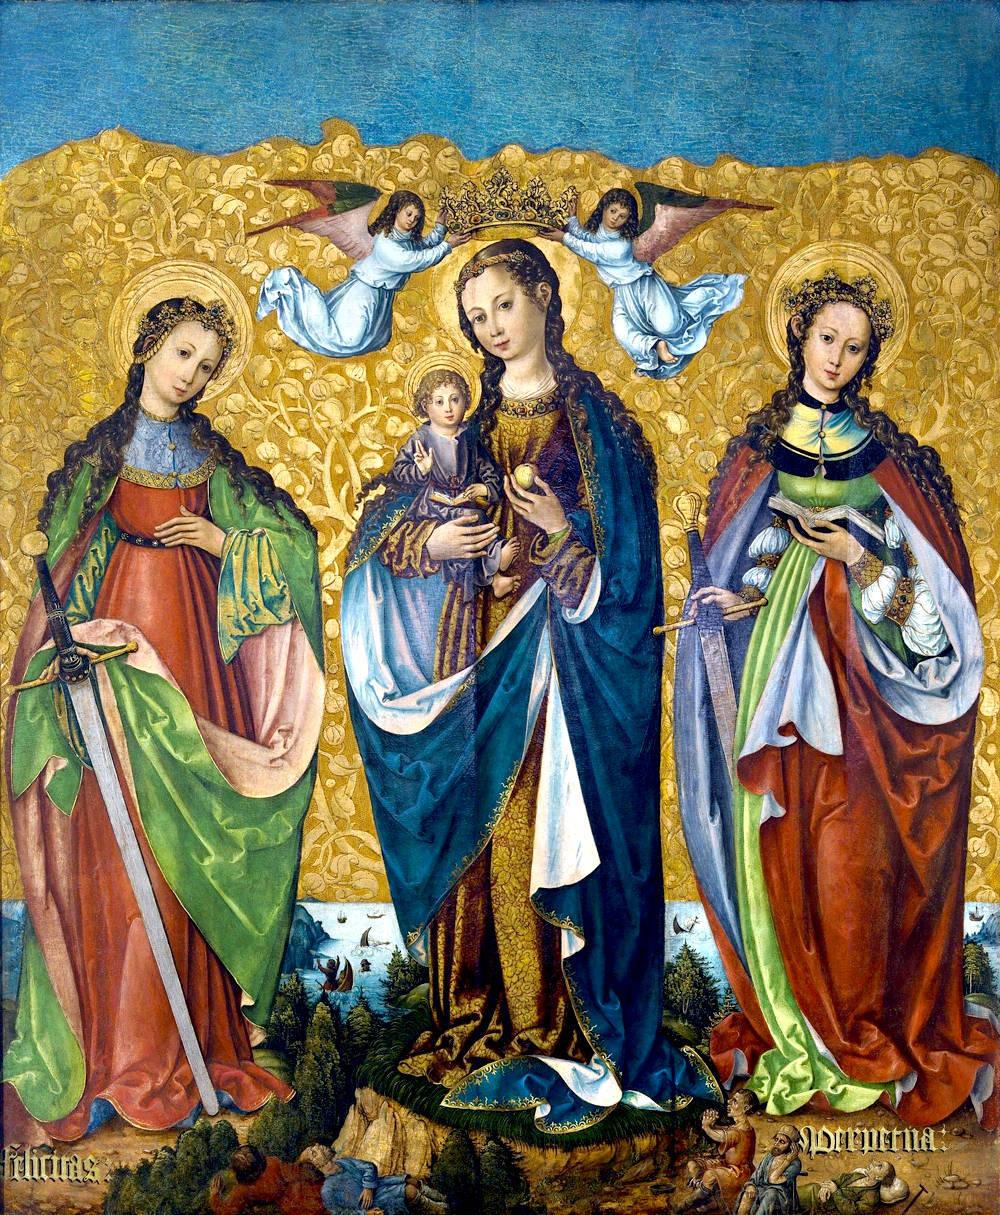 La Virgen María con el Niño Jesús junto con las Santas Felícitas y Perpetua